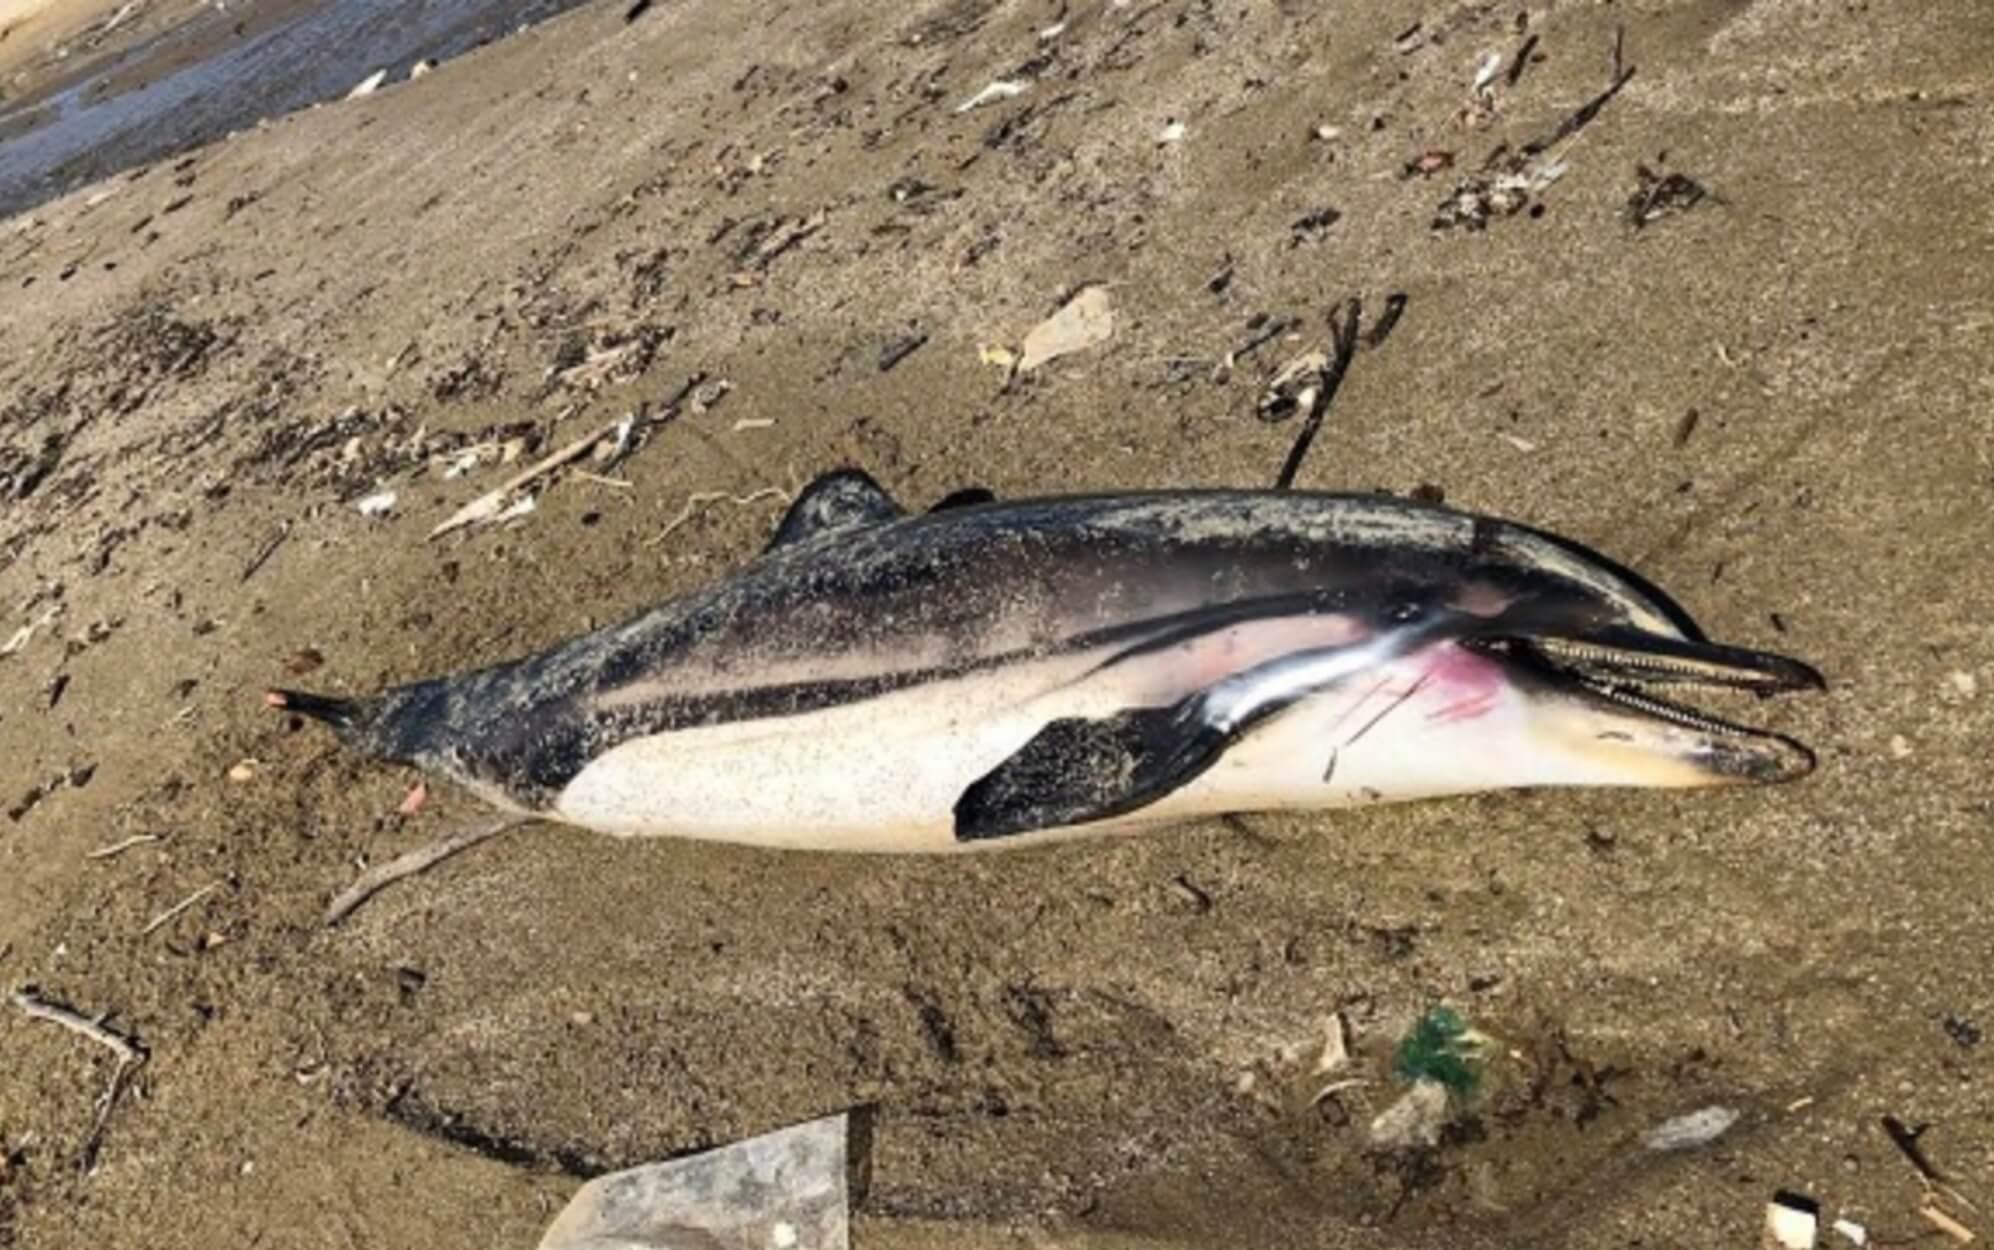 Πήλιο: Η εικόνα στην παραλία πάγωσε τους πάντες – Τα σενάρια πίσω από τη φωτογραφία [pic]